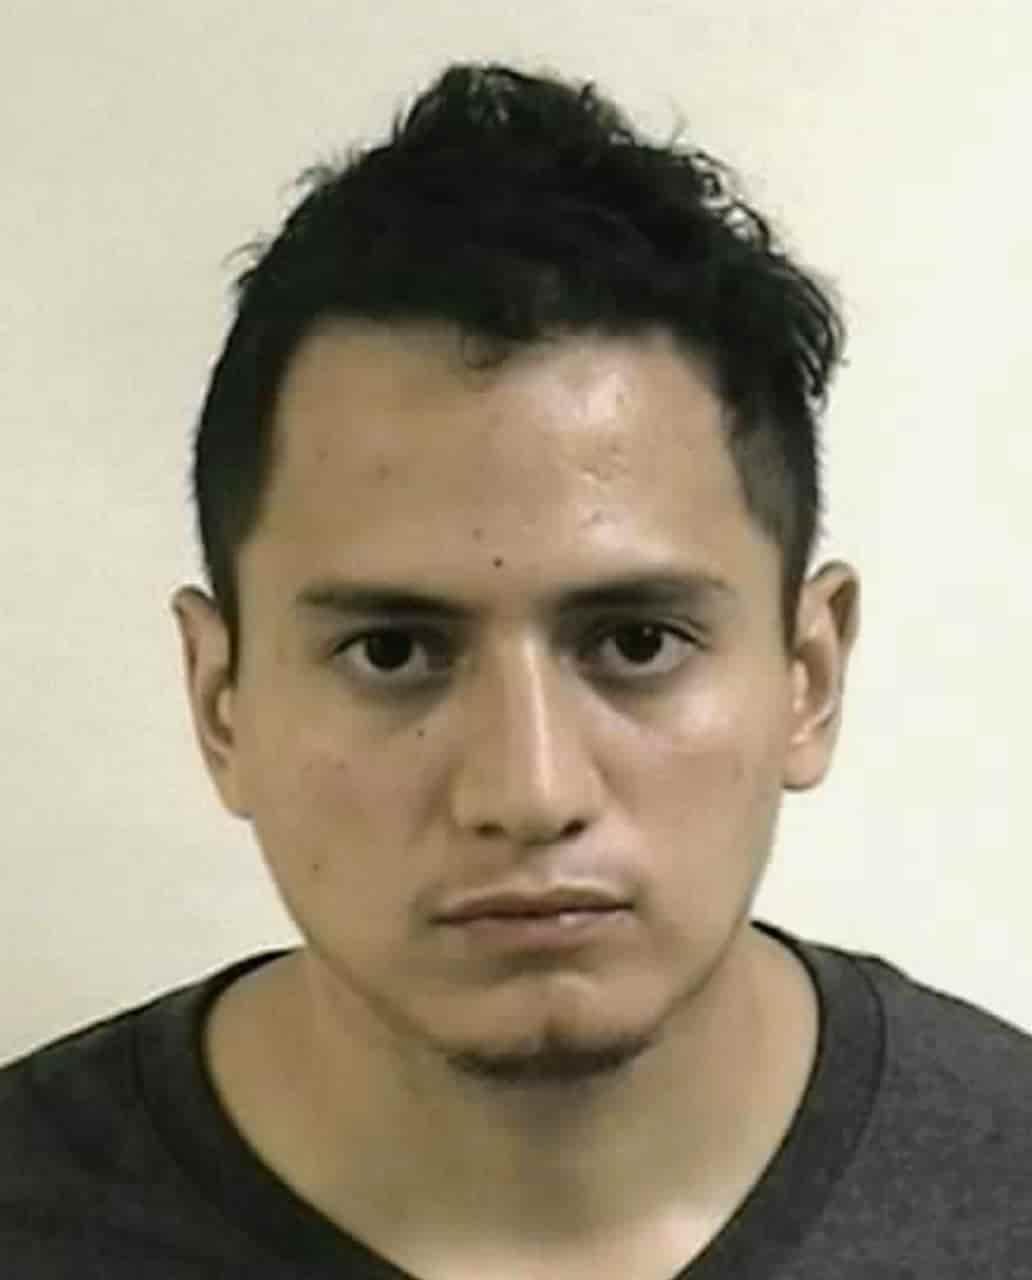 Fue sentenciado a 26 años de prisión luego de privar de la vida a su padre a cuchilladas